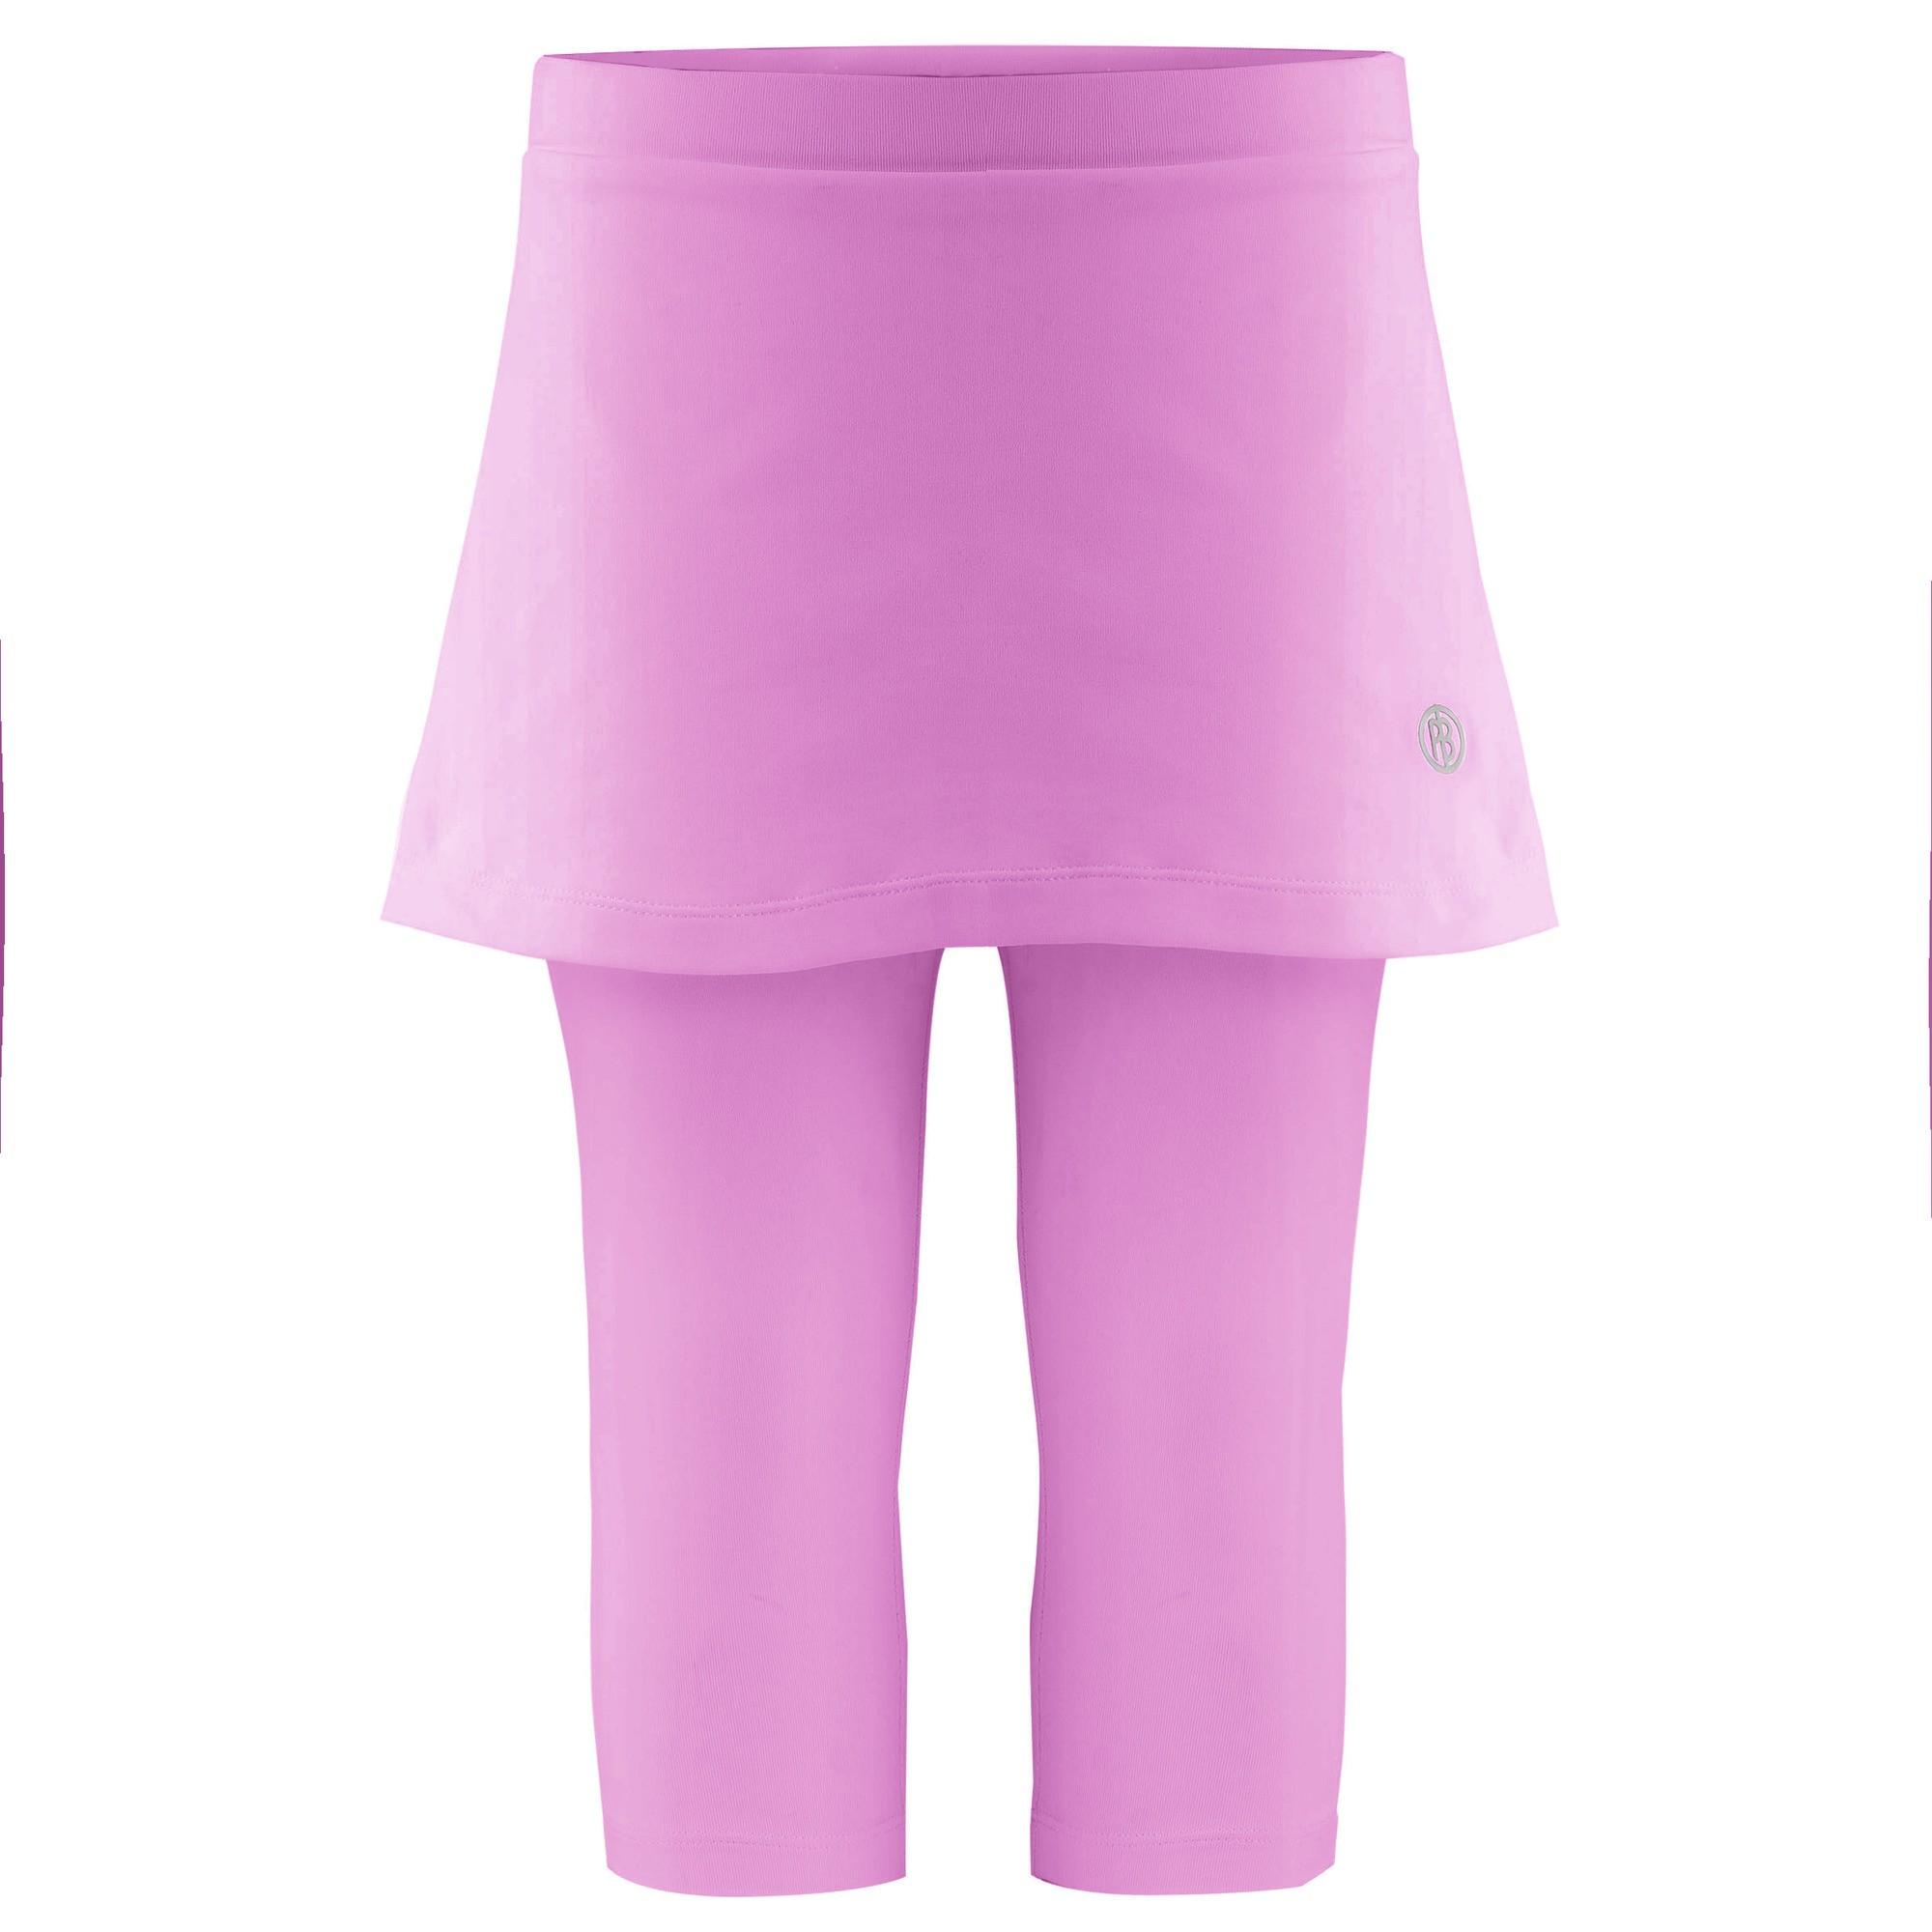 241e0766bd1e Dívčí tenisová sukně Poivre Blanc sakura pink - Tenissport Březno